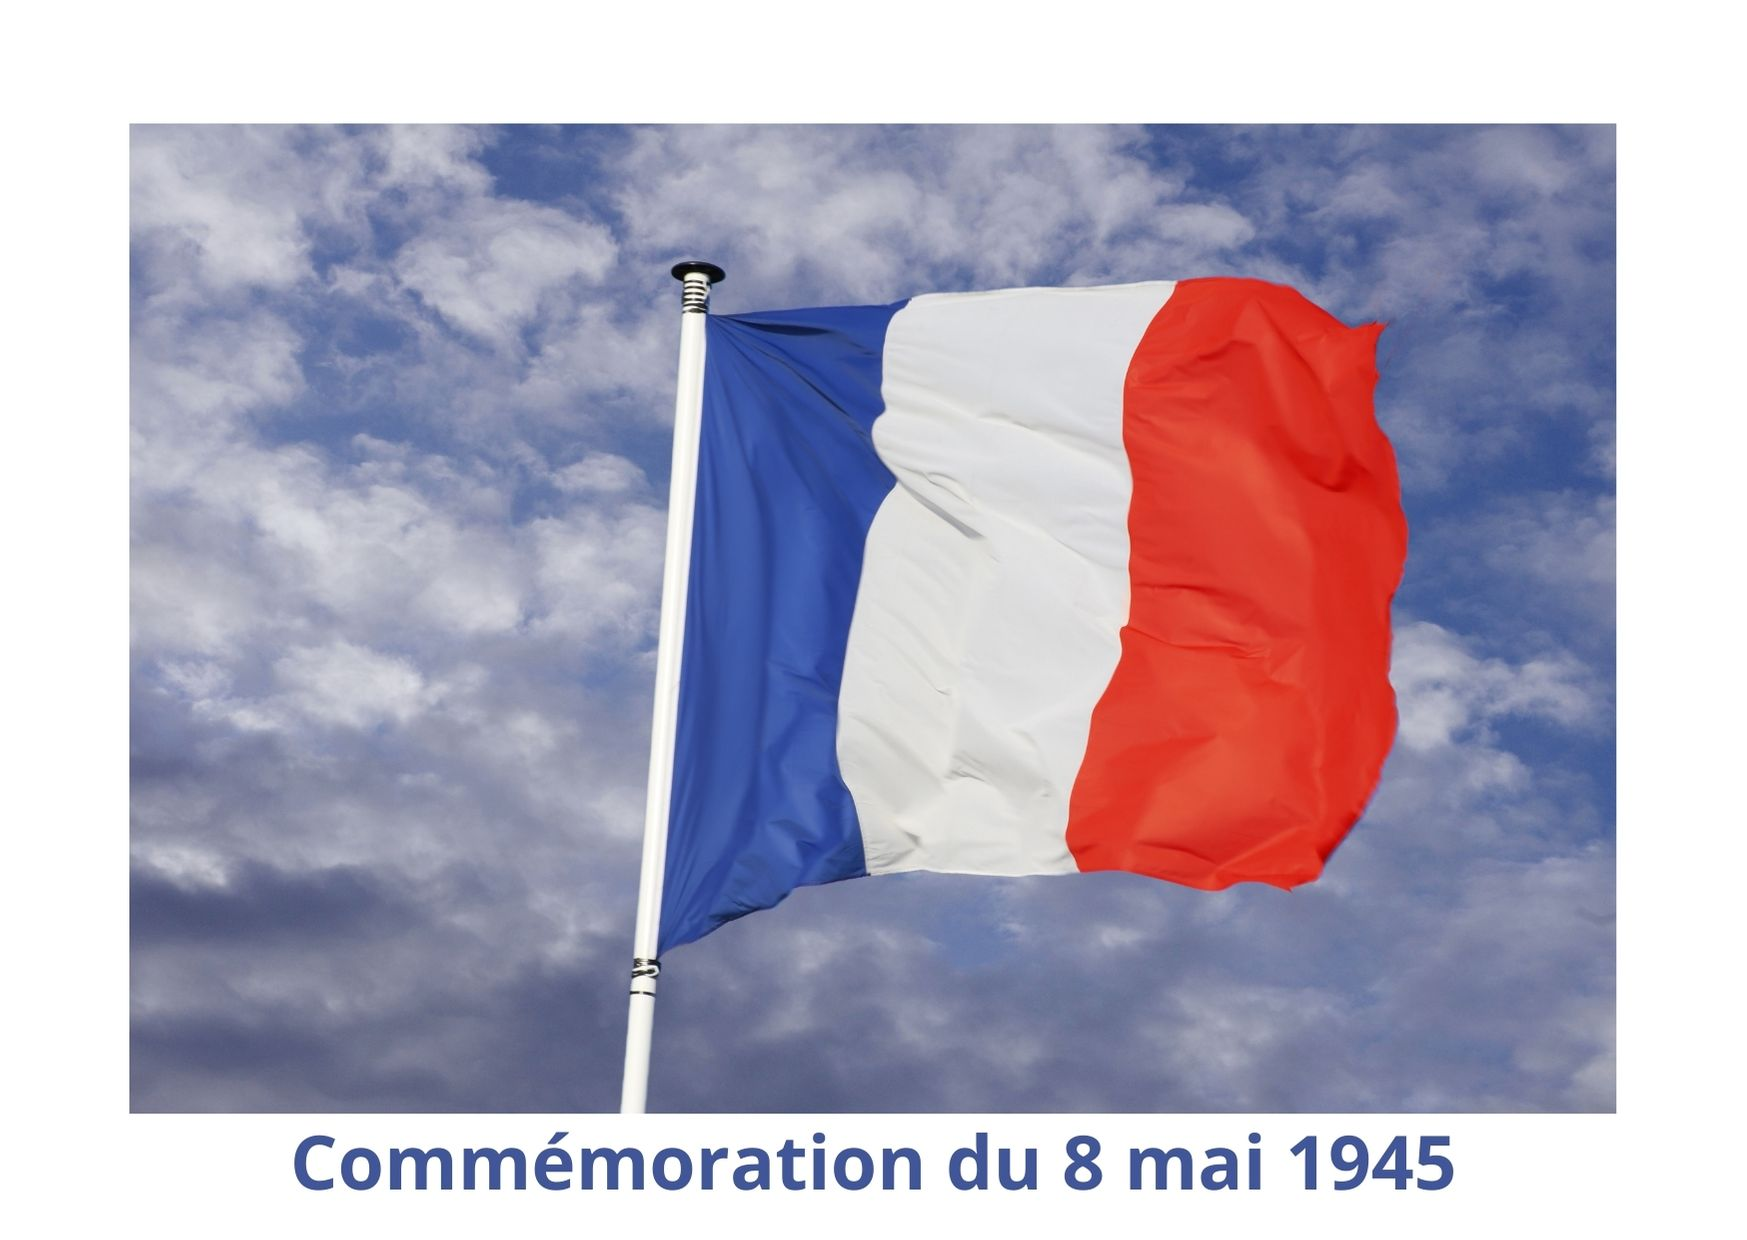 Commémoration du 8 mai